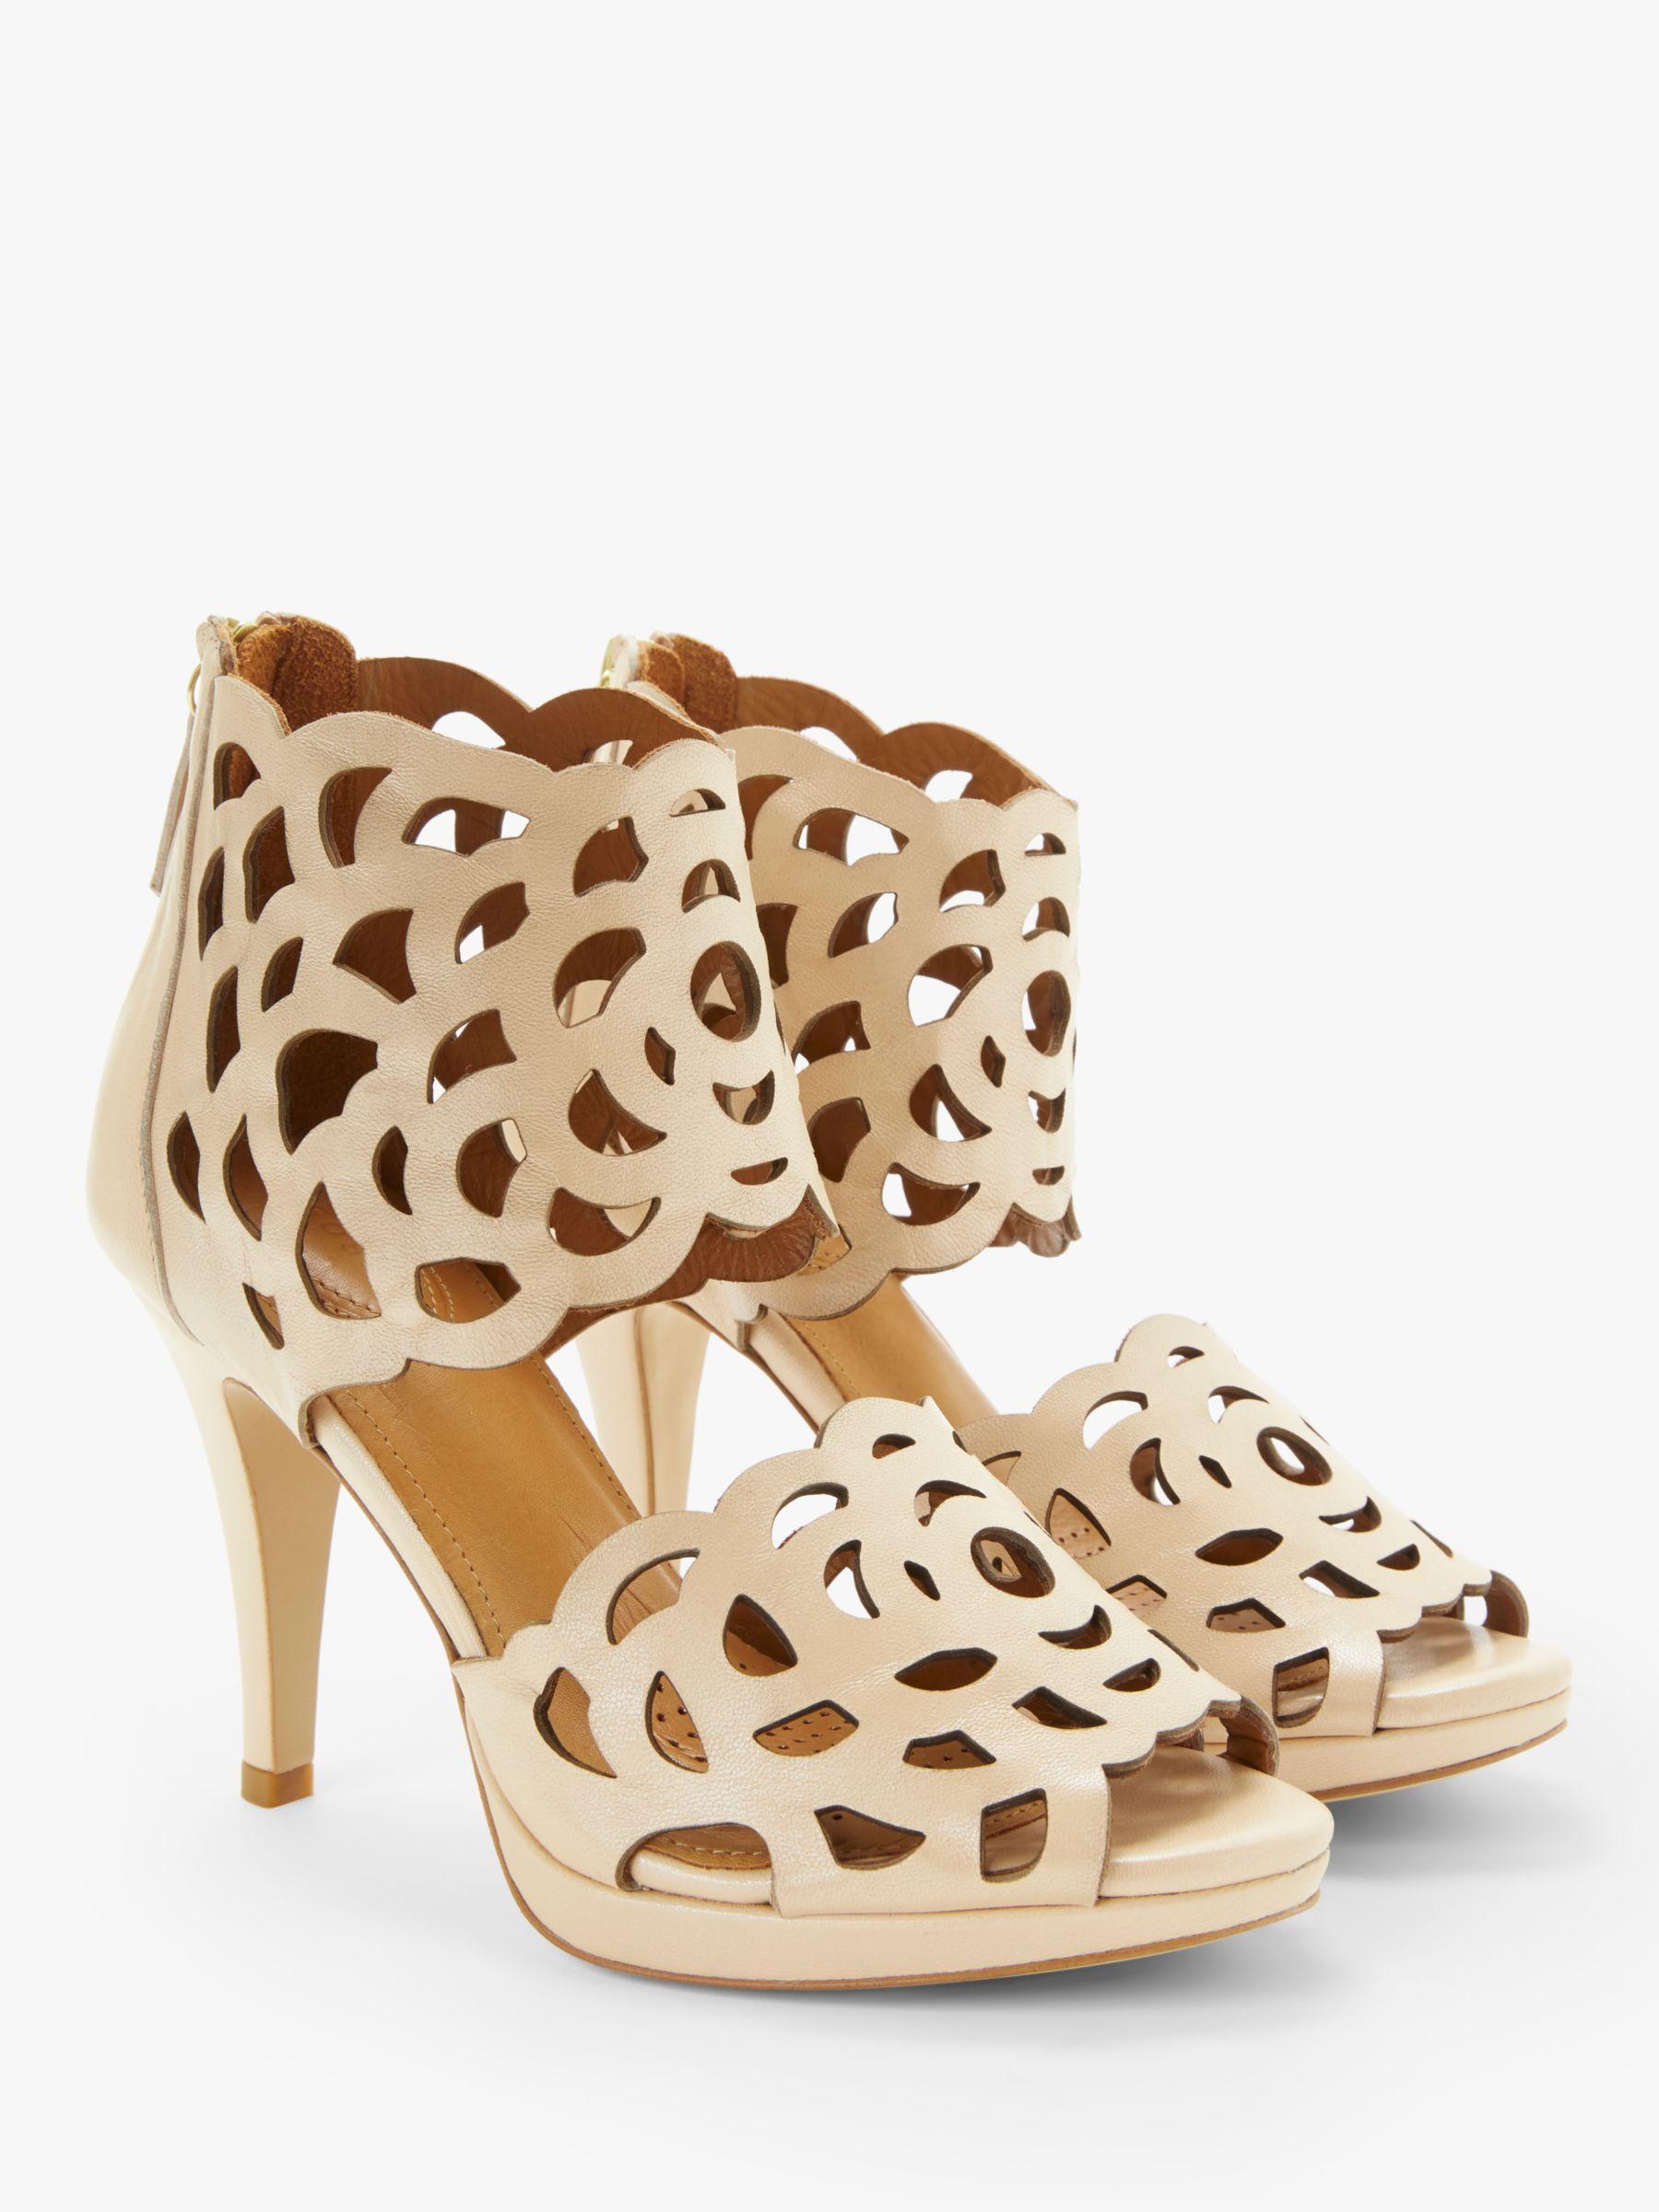 3a6a835cb168 SARGOSSA - Natural Inspire Heeled Sandals - Lyst. View fullscreen